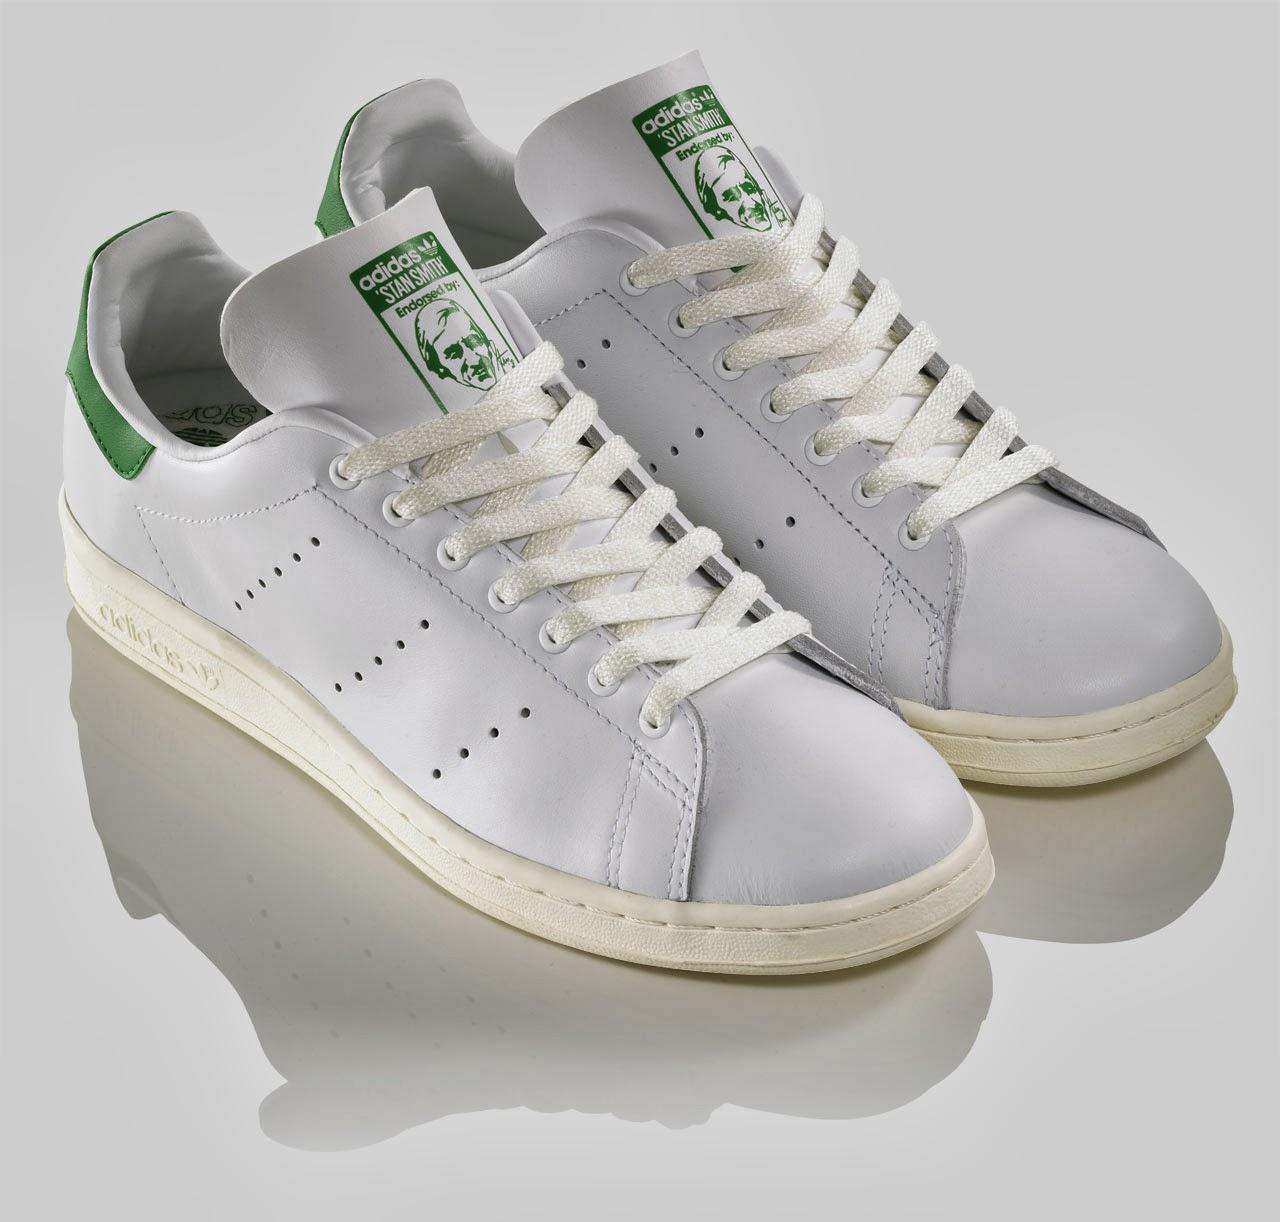 51eb10a641 john smith adidas